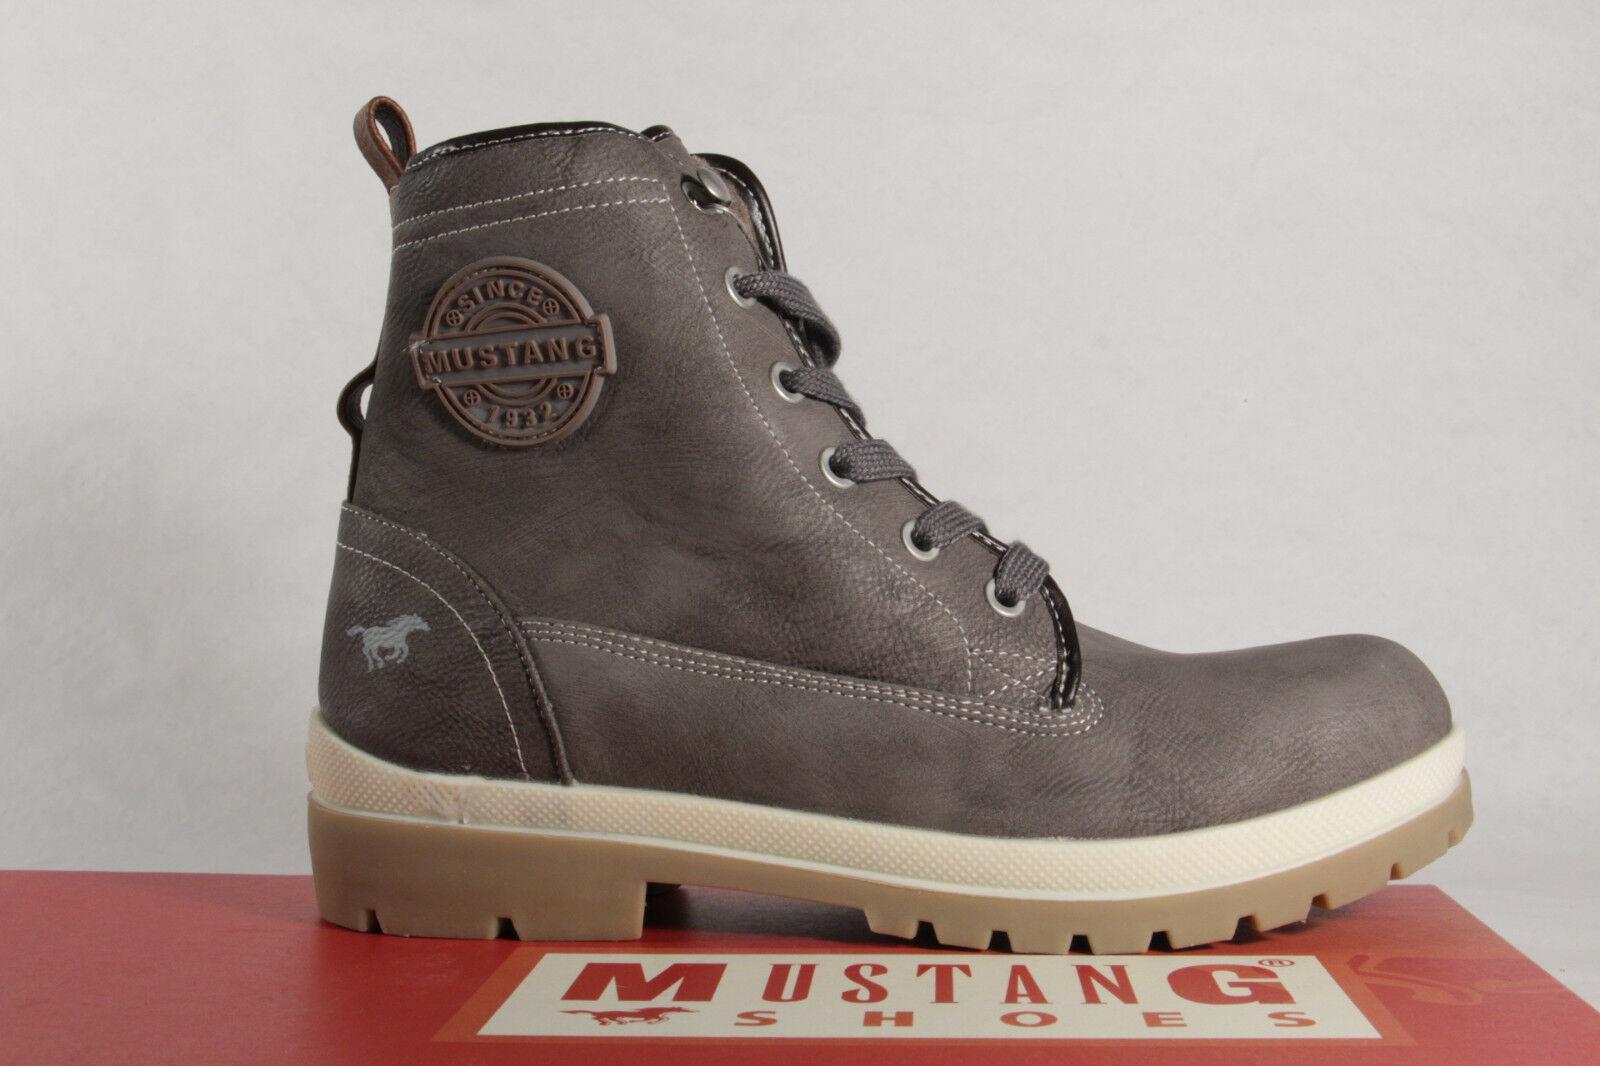 Mustang Stiefel Stiefel Stiefeletten Schnürstiefel Stiefel Mustang grau 1207  NEU d1564e